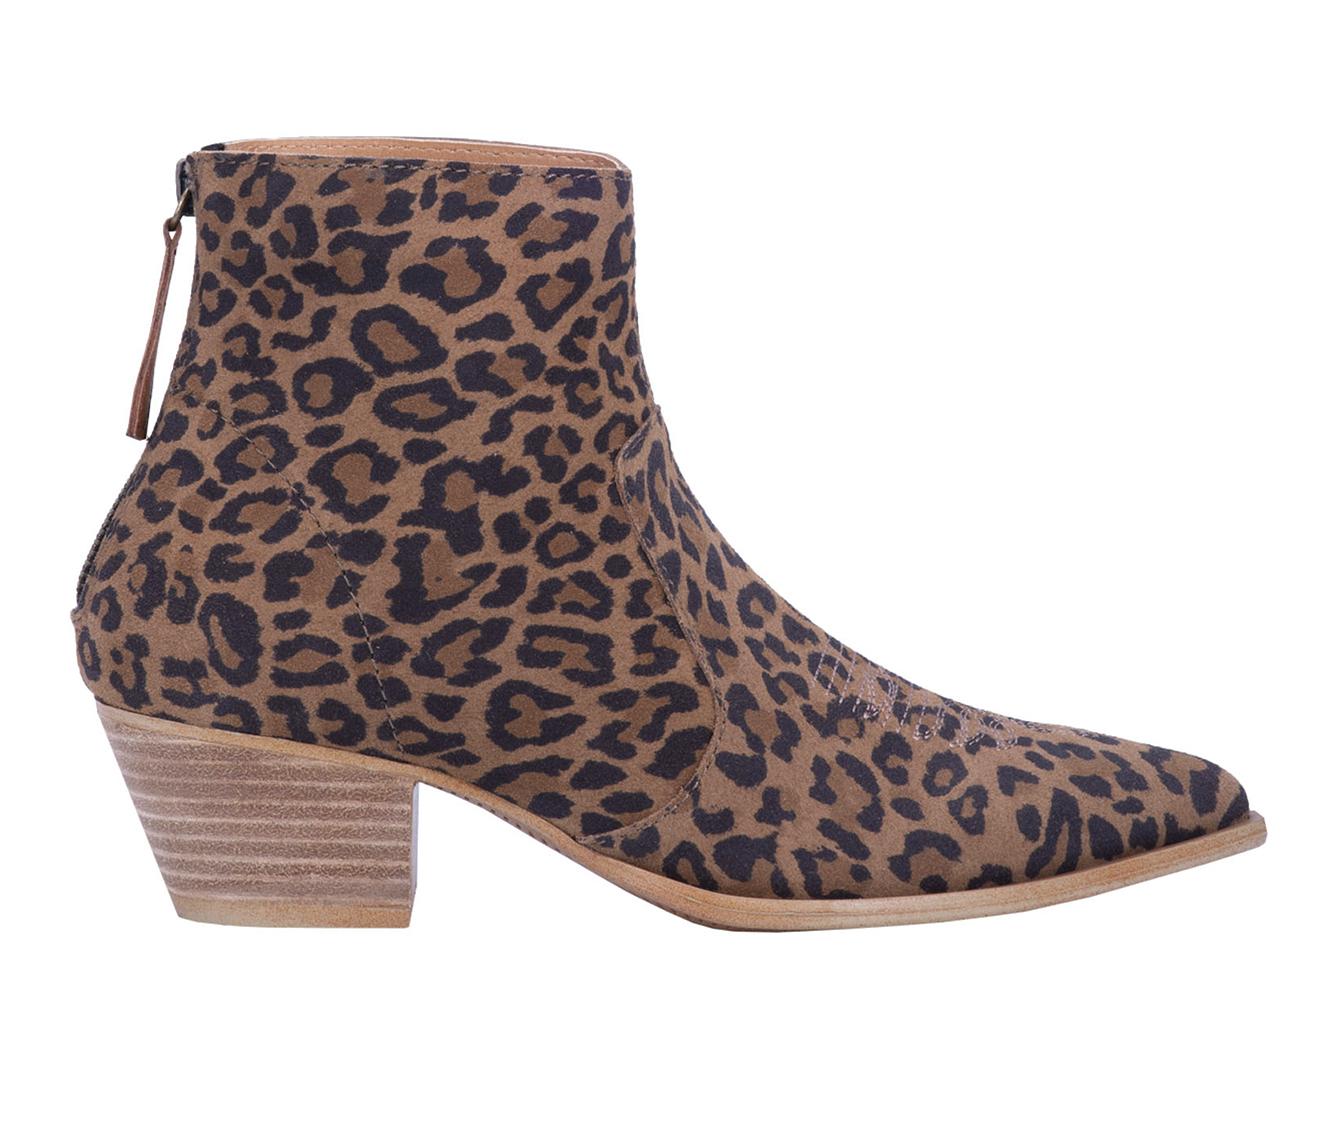 Dingo Boots Klanton Women's Boots (Multi-color - Leather)